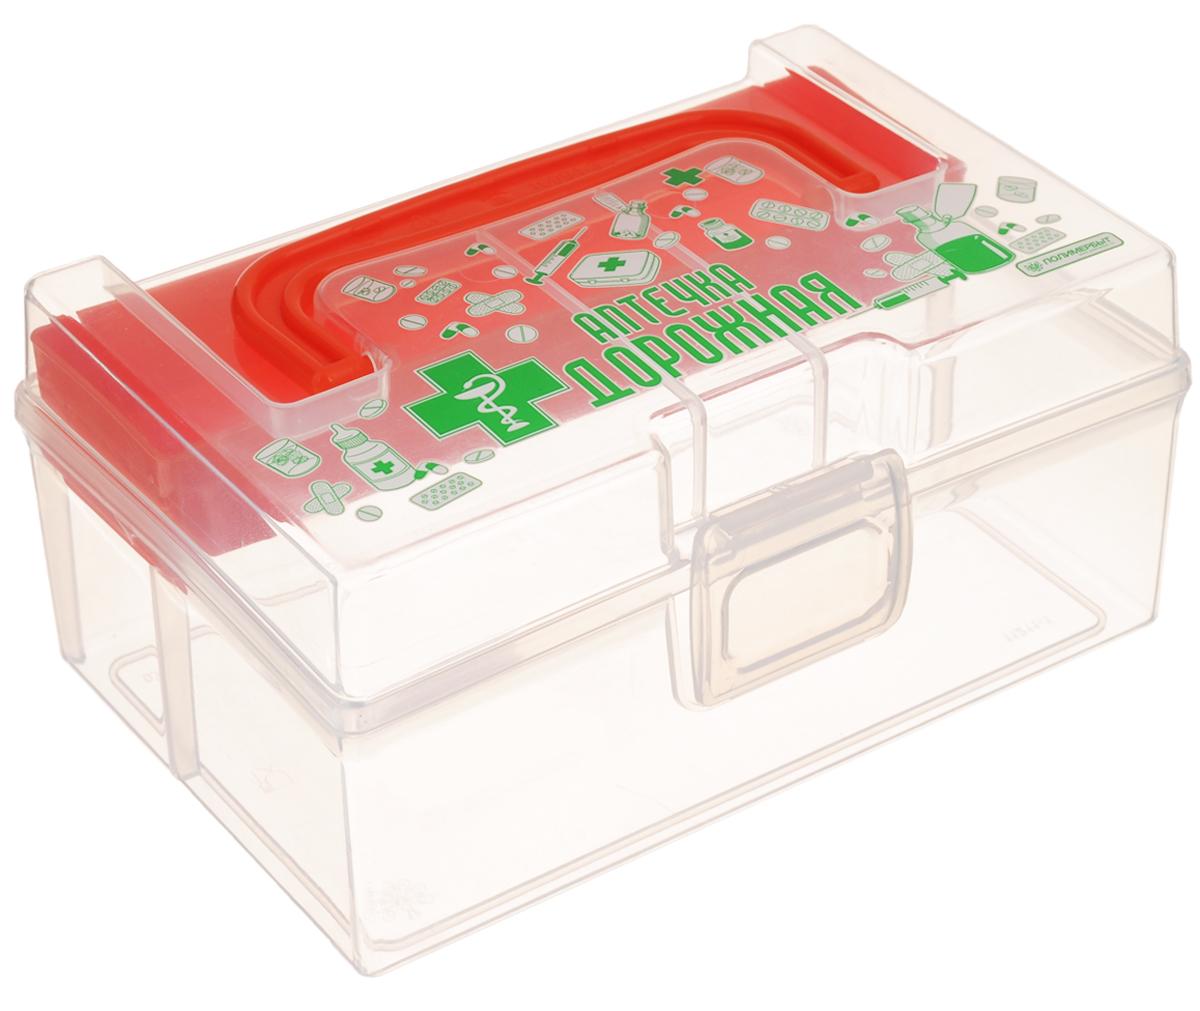 Контейнер для аптечки Полимербыт Аптечка дорожная, с вкладышем, цвет: оранжевый, прозрачный, 800 млС30903_ оранжевыйКонтейнер Полимербыт Аптечка дорожная выполнен из прозрачного пластика. Для удобства переноски сверху имеется ручка. Внутрь вставляется цветной вкладыш с одним отделением. Контейнер плотно закрывается крышкой с защелками. Контейнер для аптечки Полимербыт Аптечка дорожная очень вместителен и поможет вам хранить все лекарства в одном месте.Размер вкладыша: 16 х 4 х 2 см.